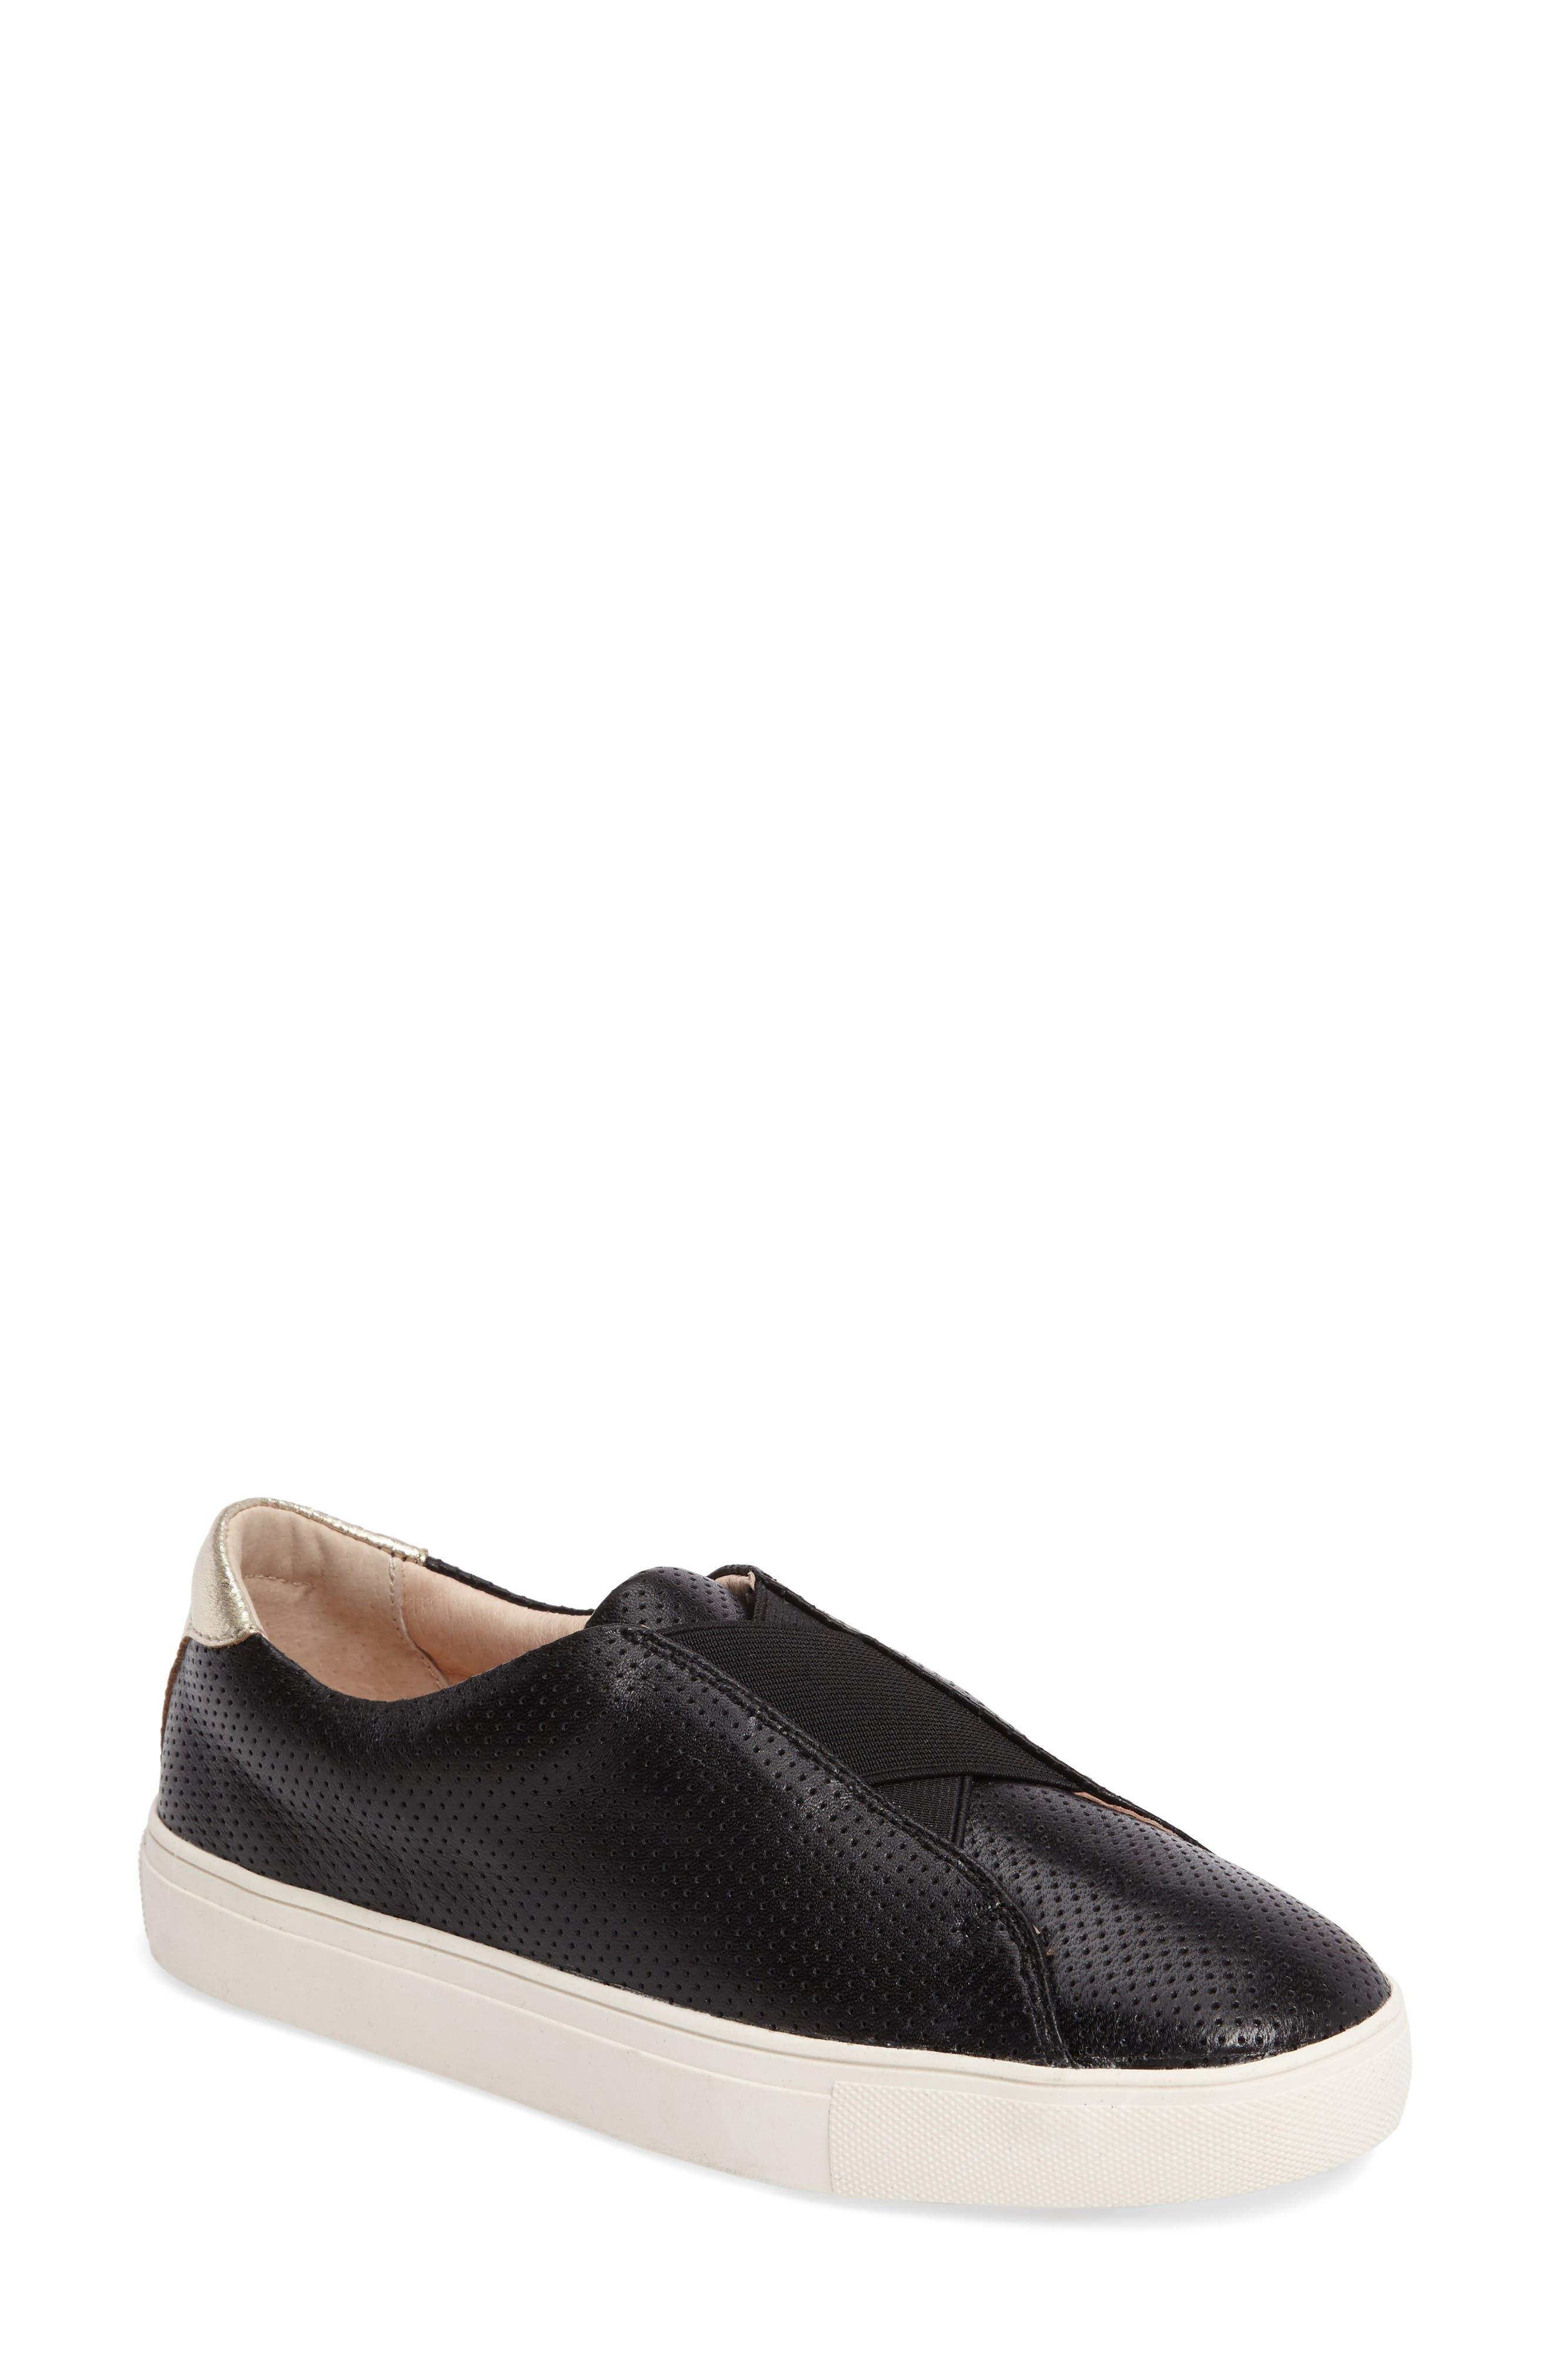 Sudina Giana Slip-On Sneaker,                         Main,                         color, 001